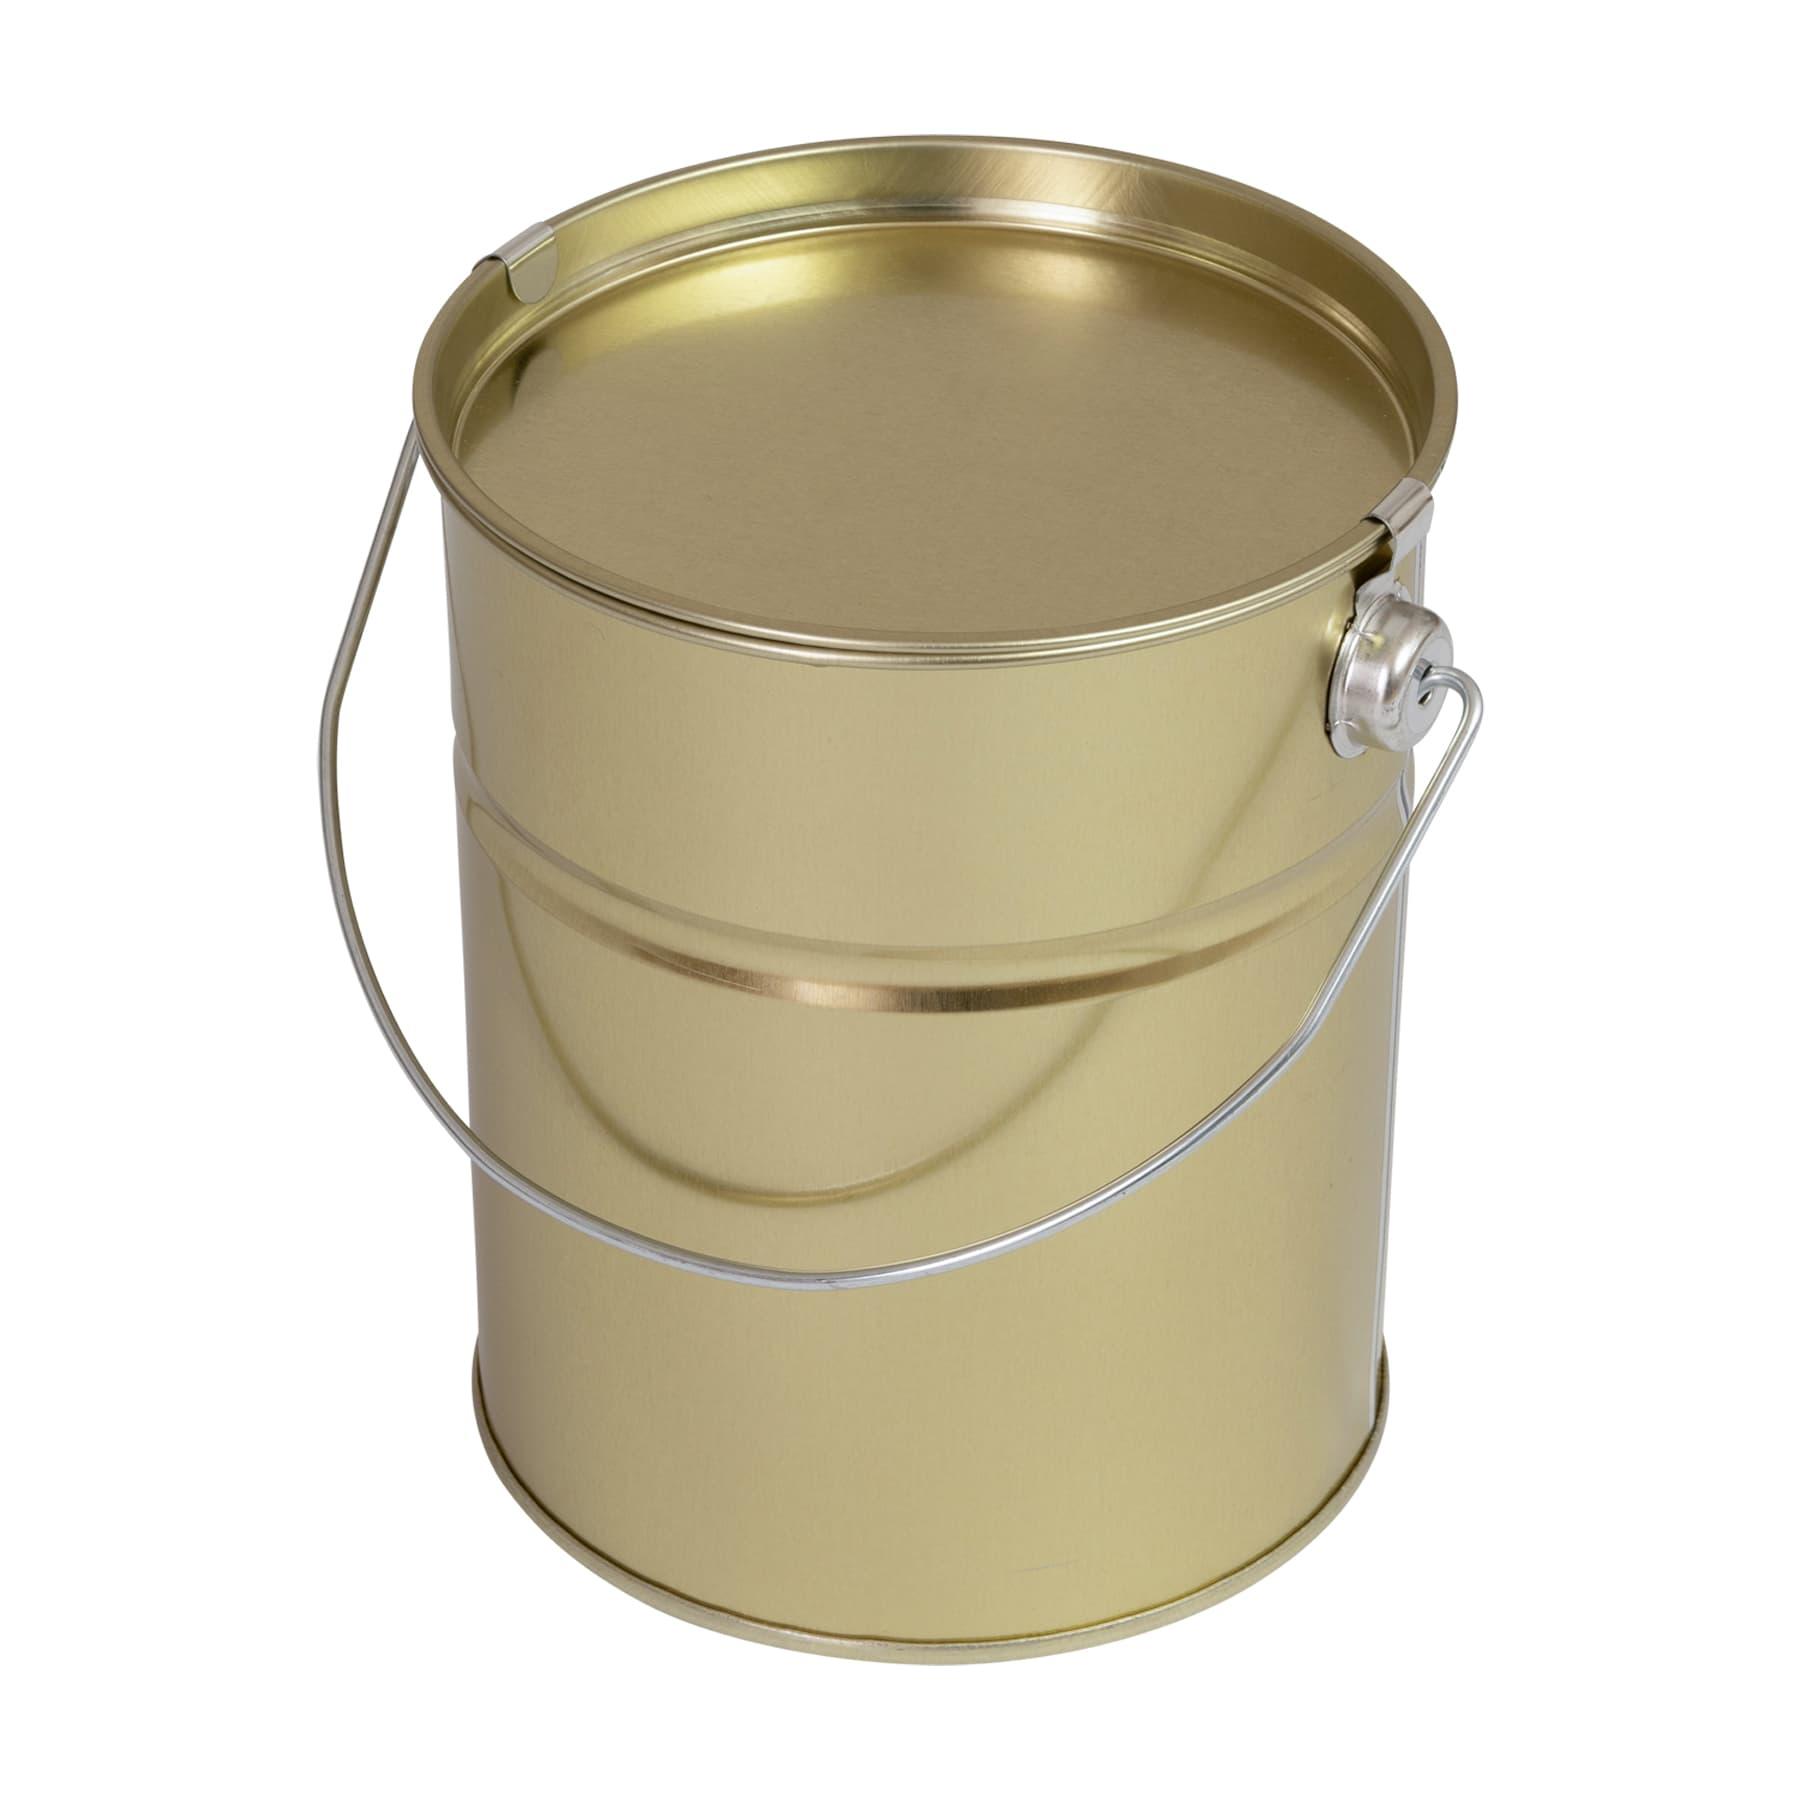 Honigeimerchen 2,5 kg Blech goldlackiert